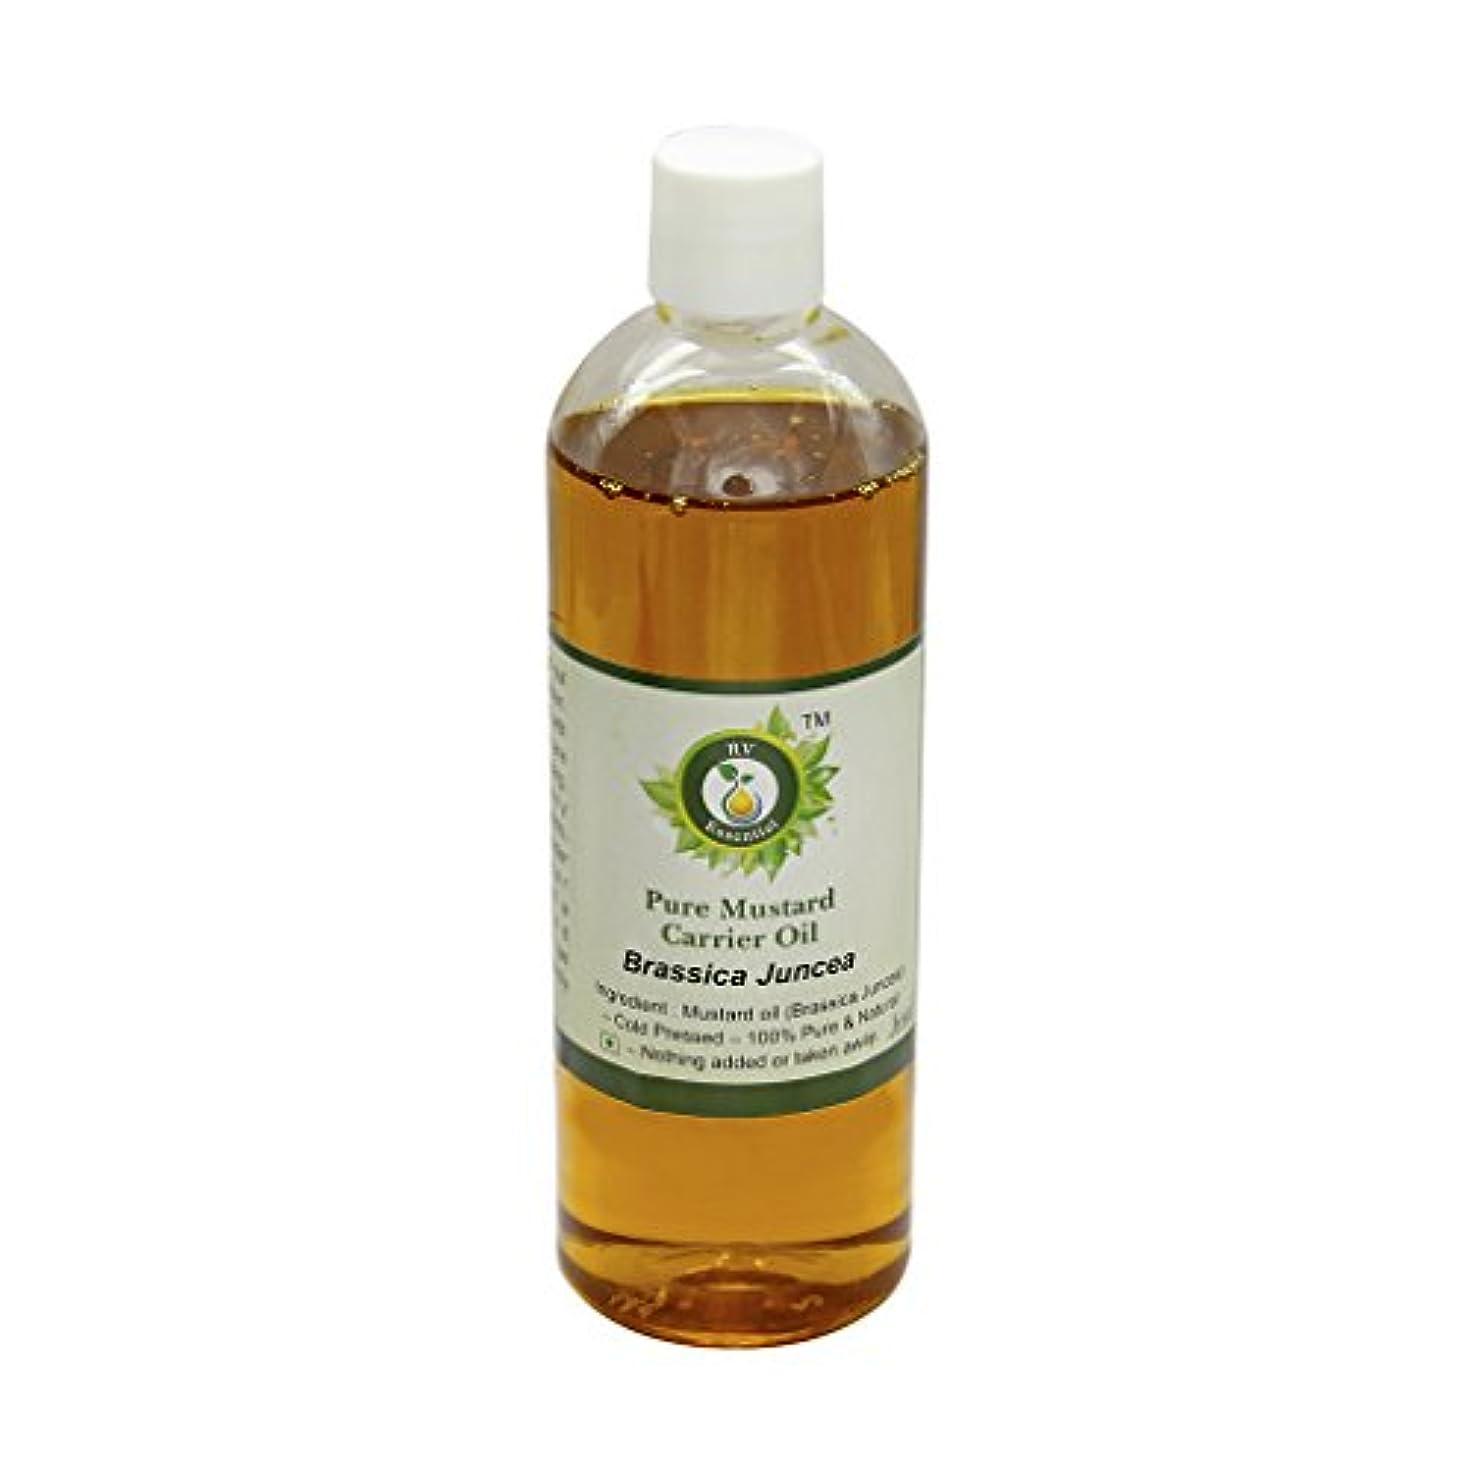 メンタル読み書きのできない外交R V Essential 純粋なマスタードキャリアオイル100ml (3.38oz)- Brassica Juncea (100%ピュア&ナチュラルコールドPressed) Pure Mustard Carrier Oil